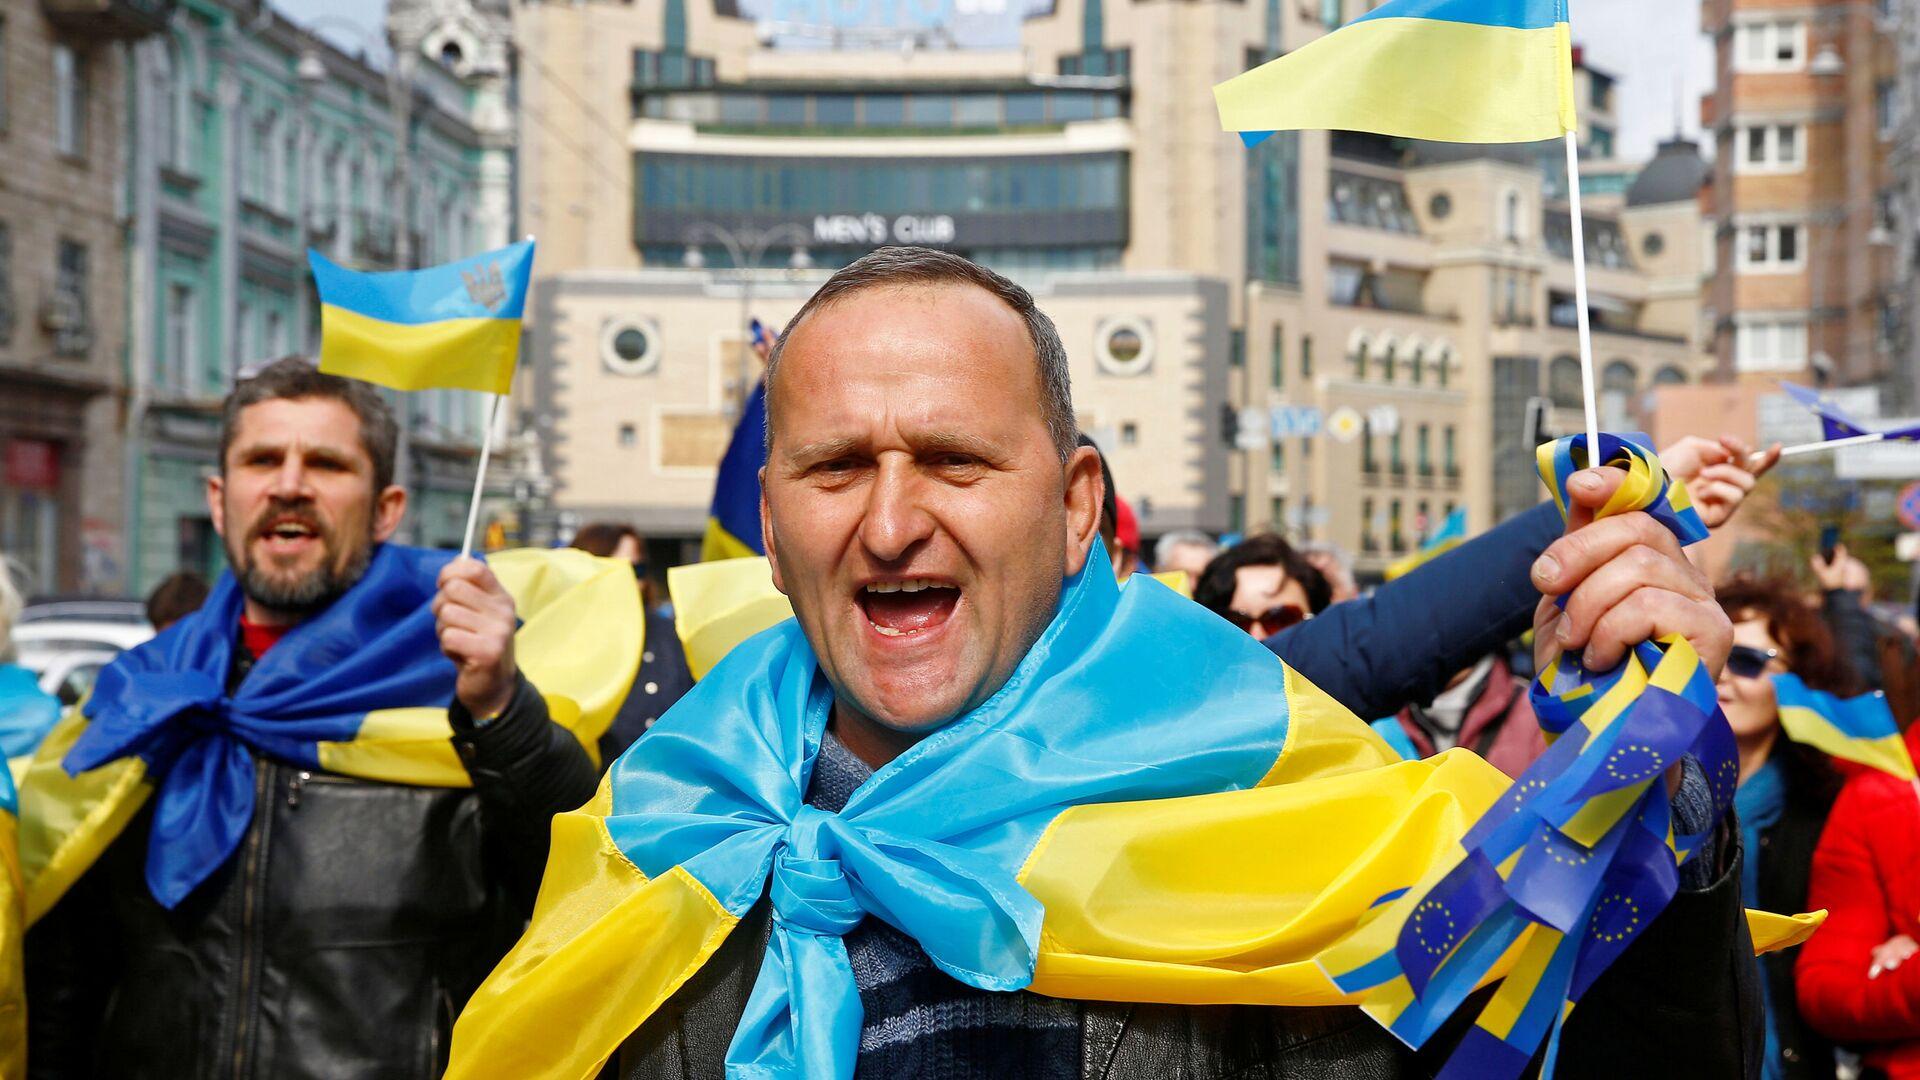 Сторонники президента Украины и кандидата в президенты Петра Порошенко выкрикивают лозунги на митинге перед политическими дебатами Порошенко - Sputnik Таджикистан, 1920, 18.06.2021